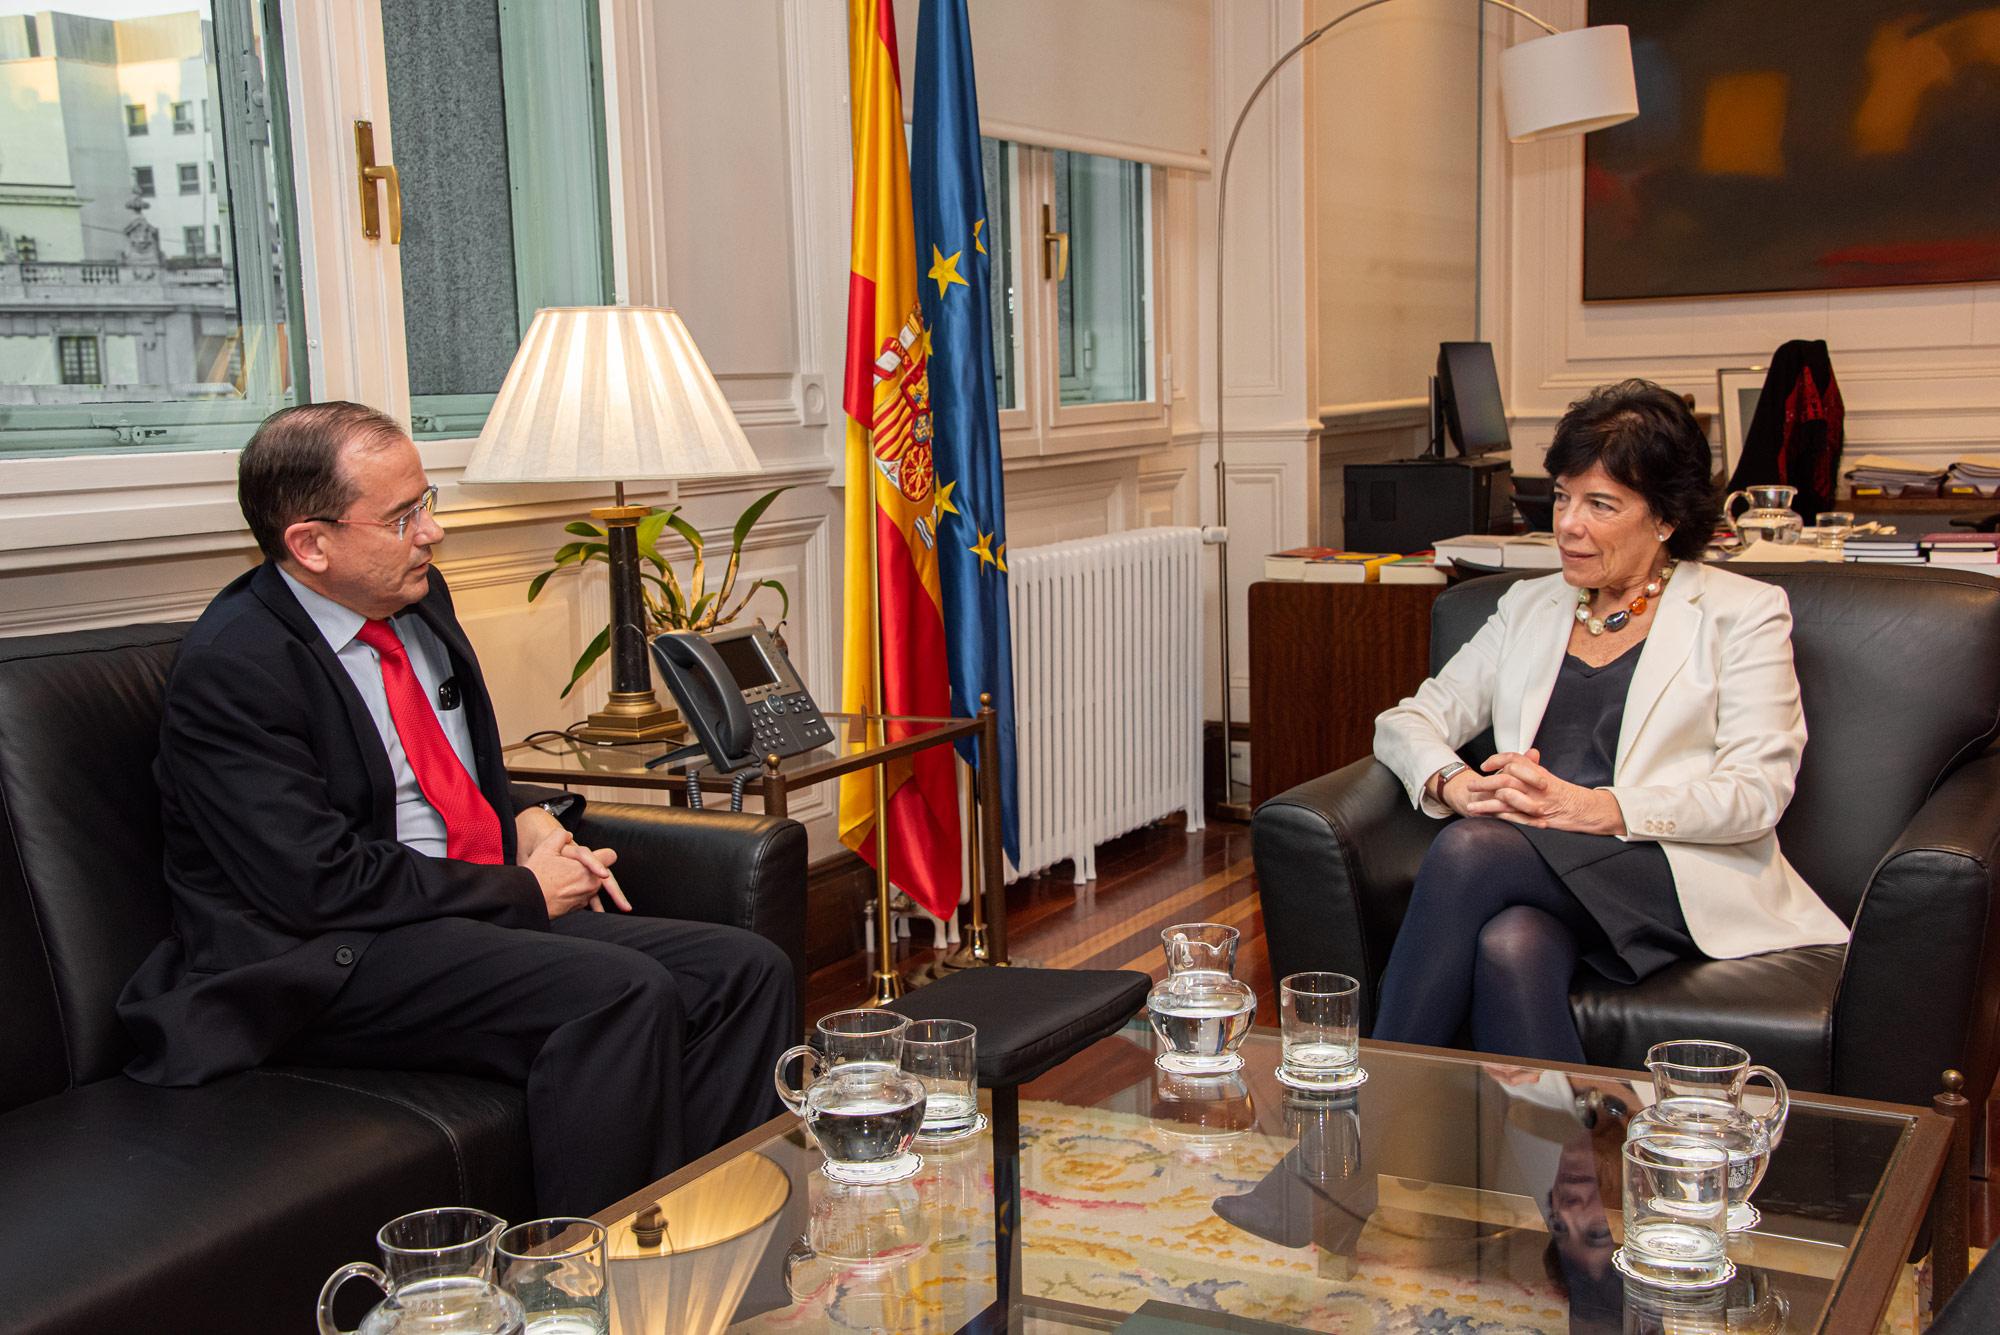 El presidente de CECE, Alfonso Aguiló, pidió a la ministra Isabel Celaá que no legisle en contra de la concertada amparándose en las exigencias de sus socios de gobierno y en premisas y datos falsos sobre la concertada.